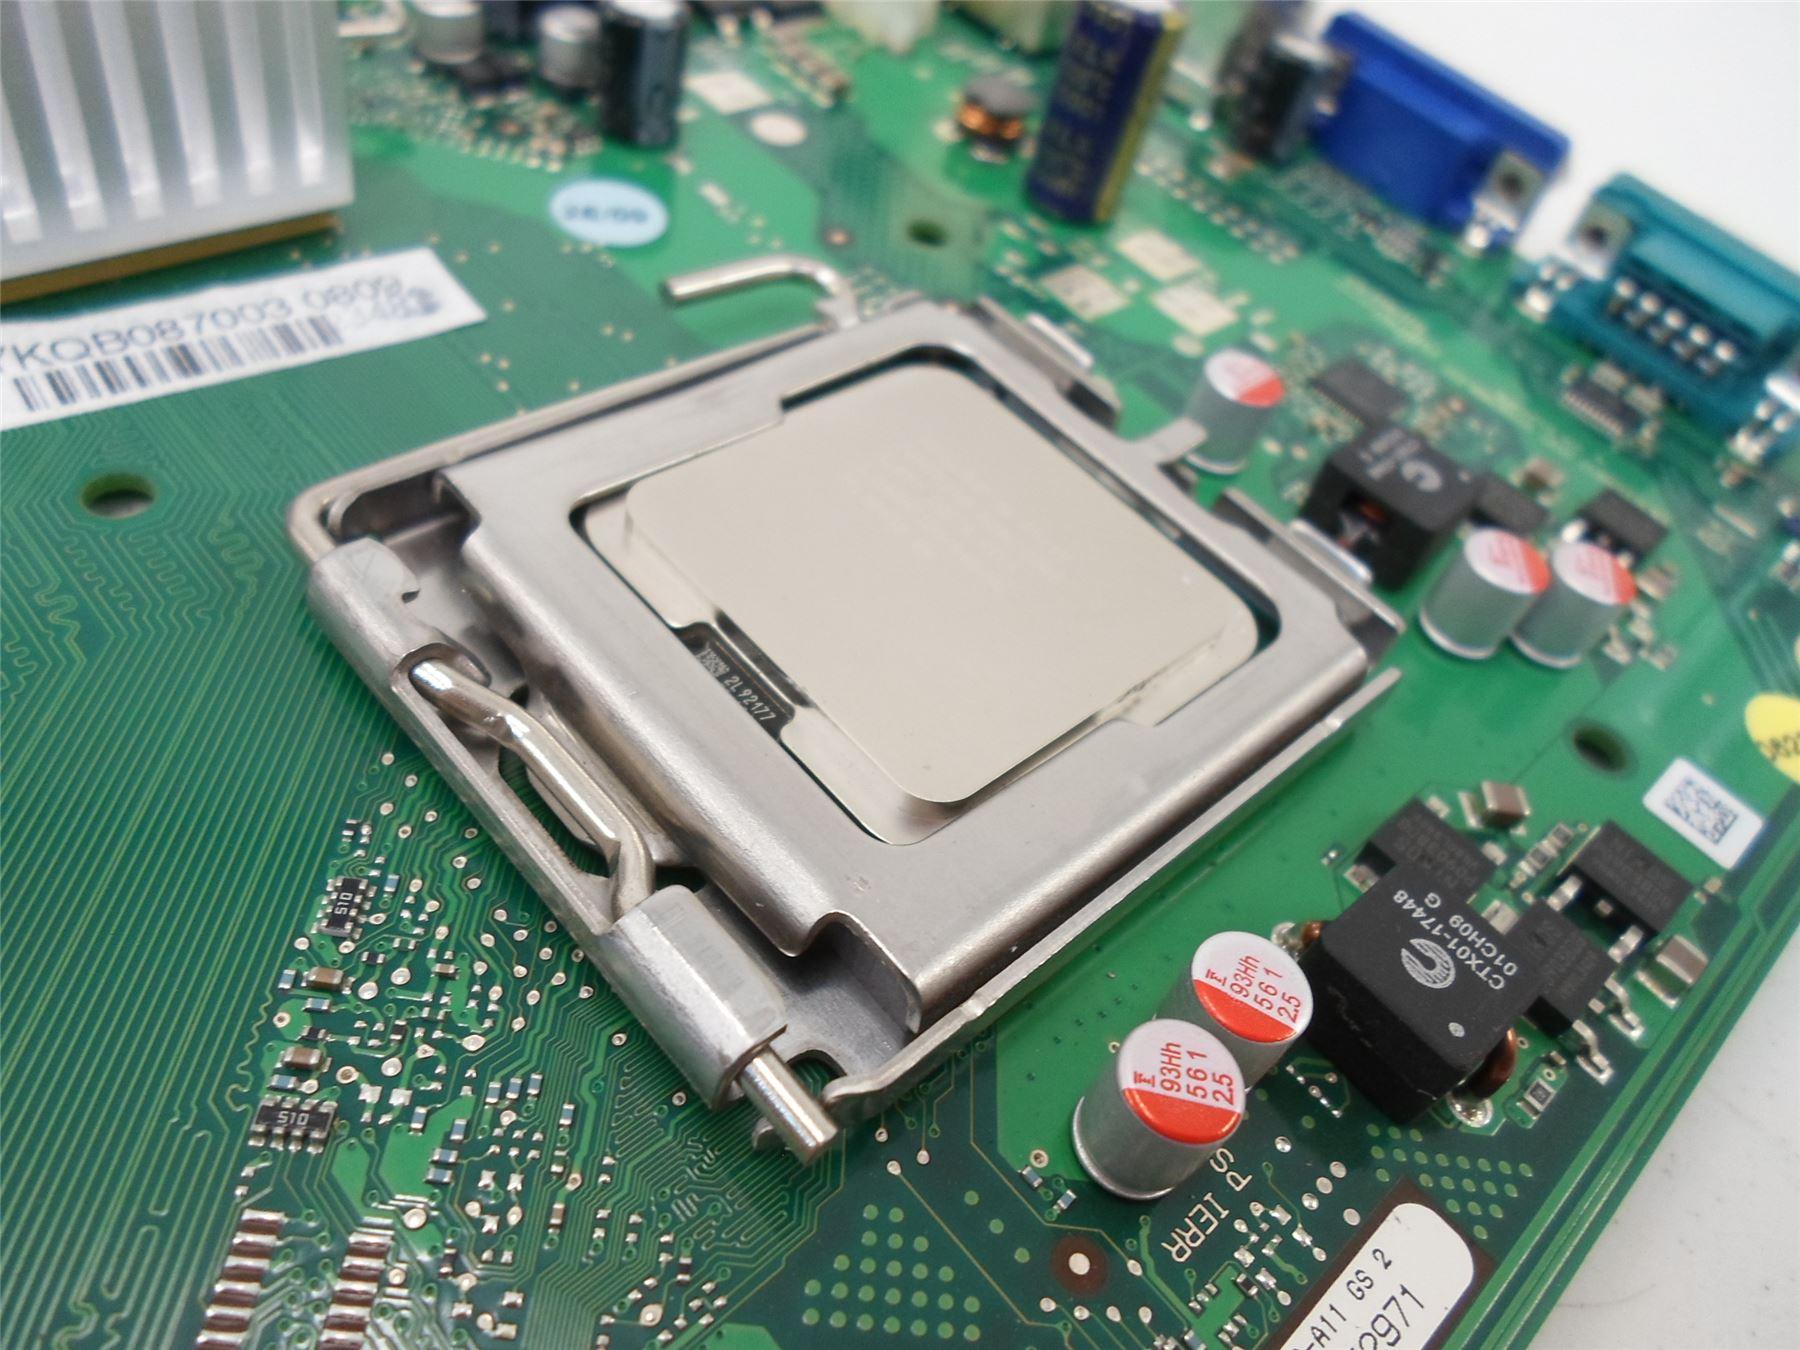 Intel g41 eaglelake ich7